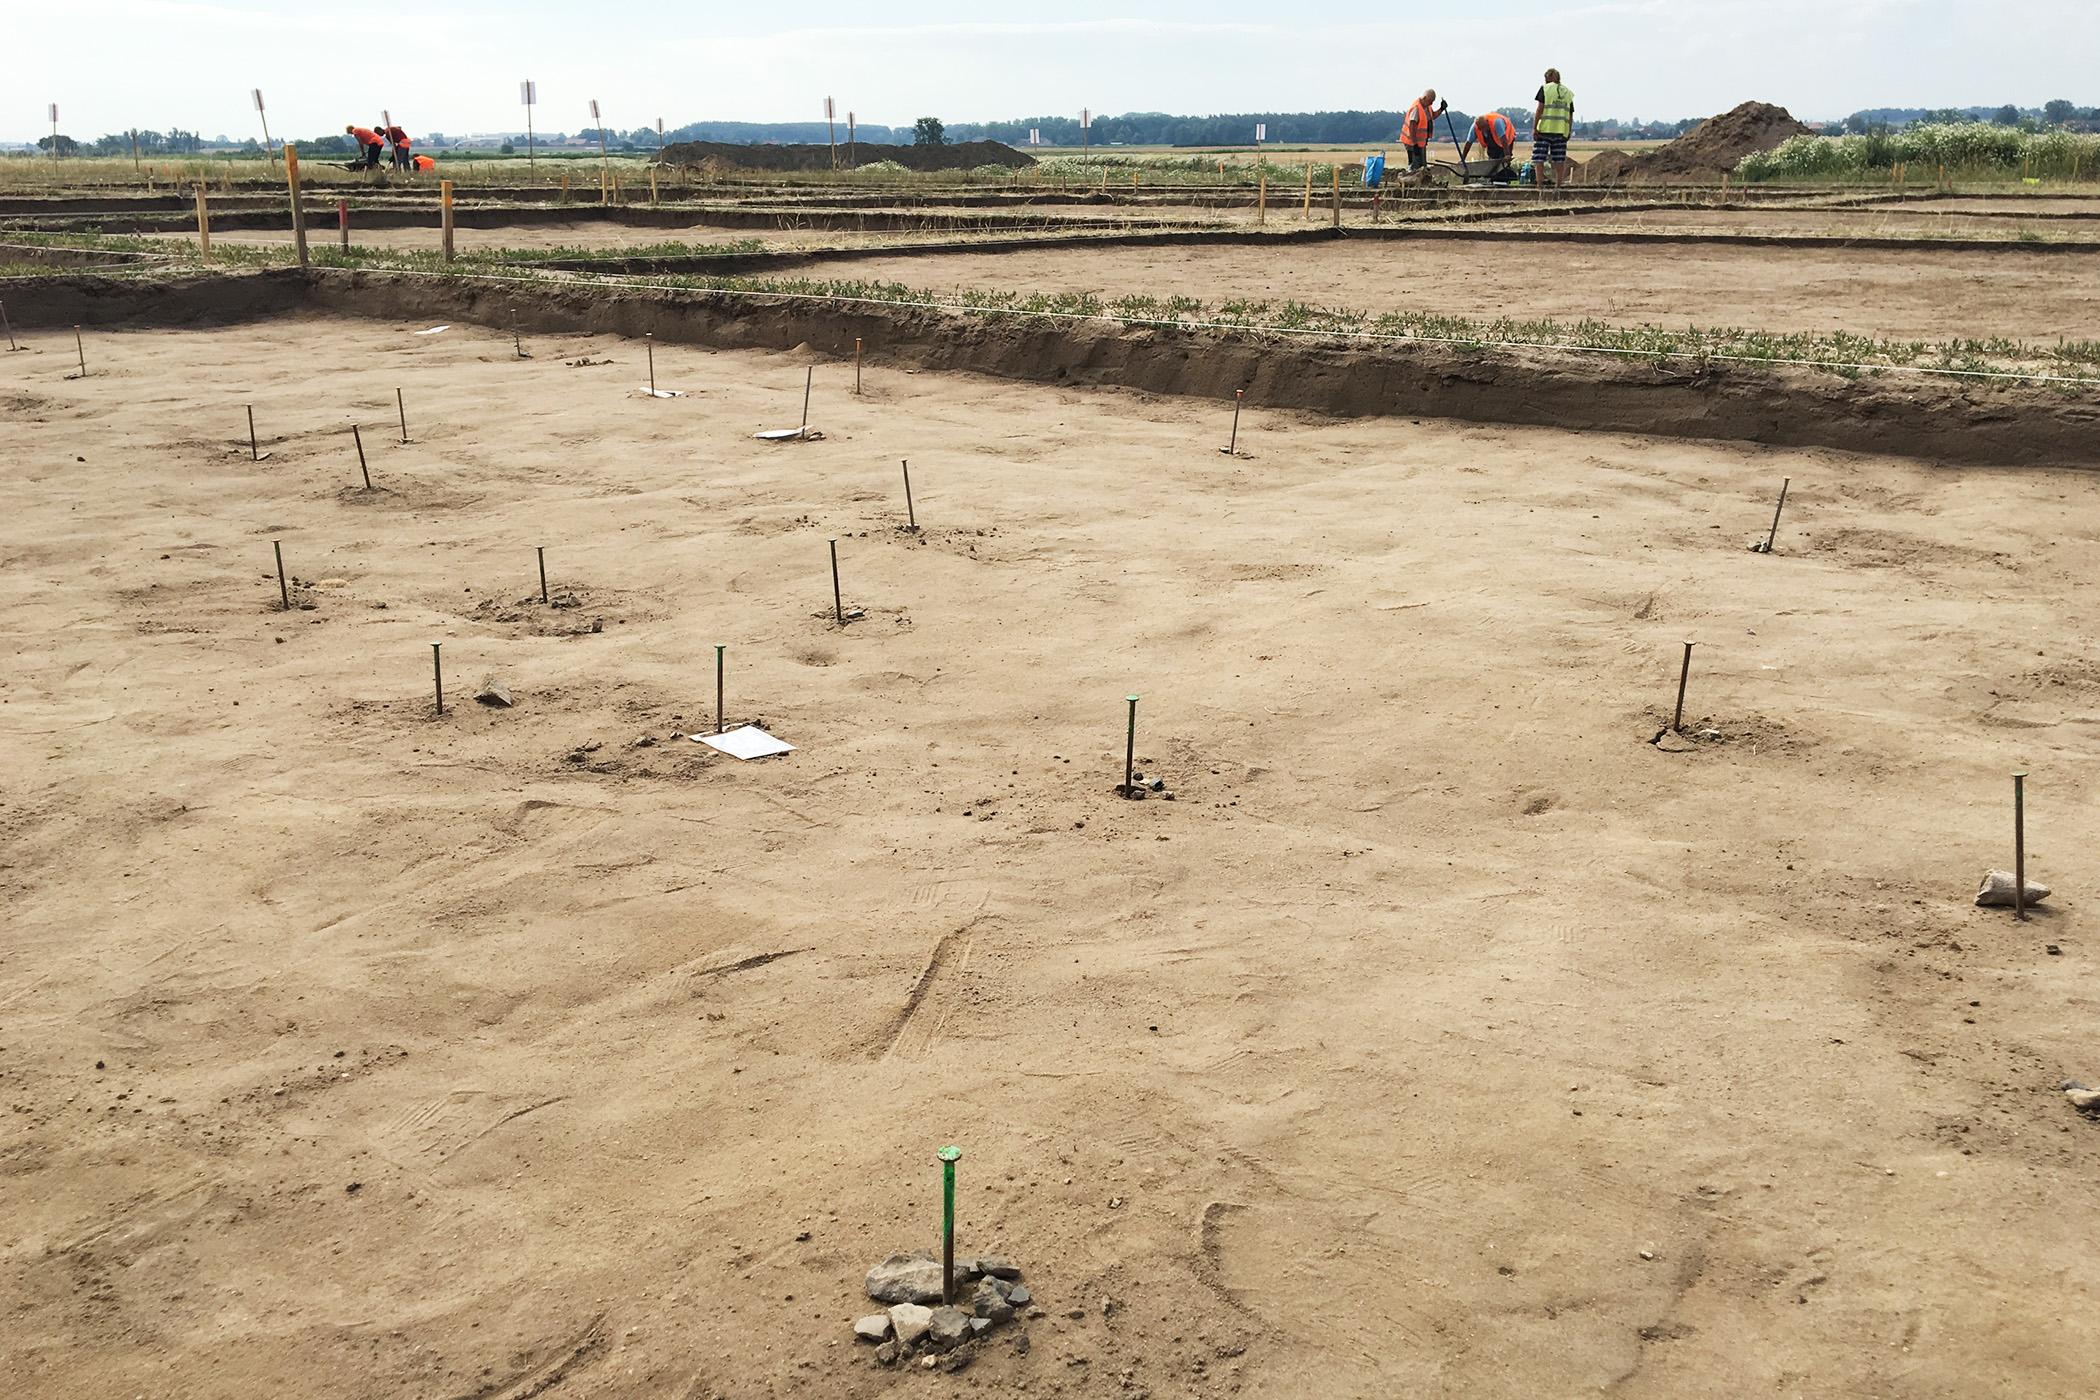 Hřebíky na archeologickém nalezišti vyznačují polohu jednotlivých nalezených střepů